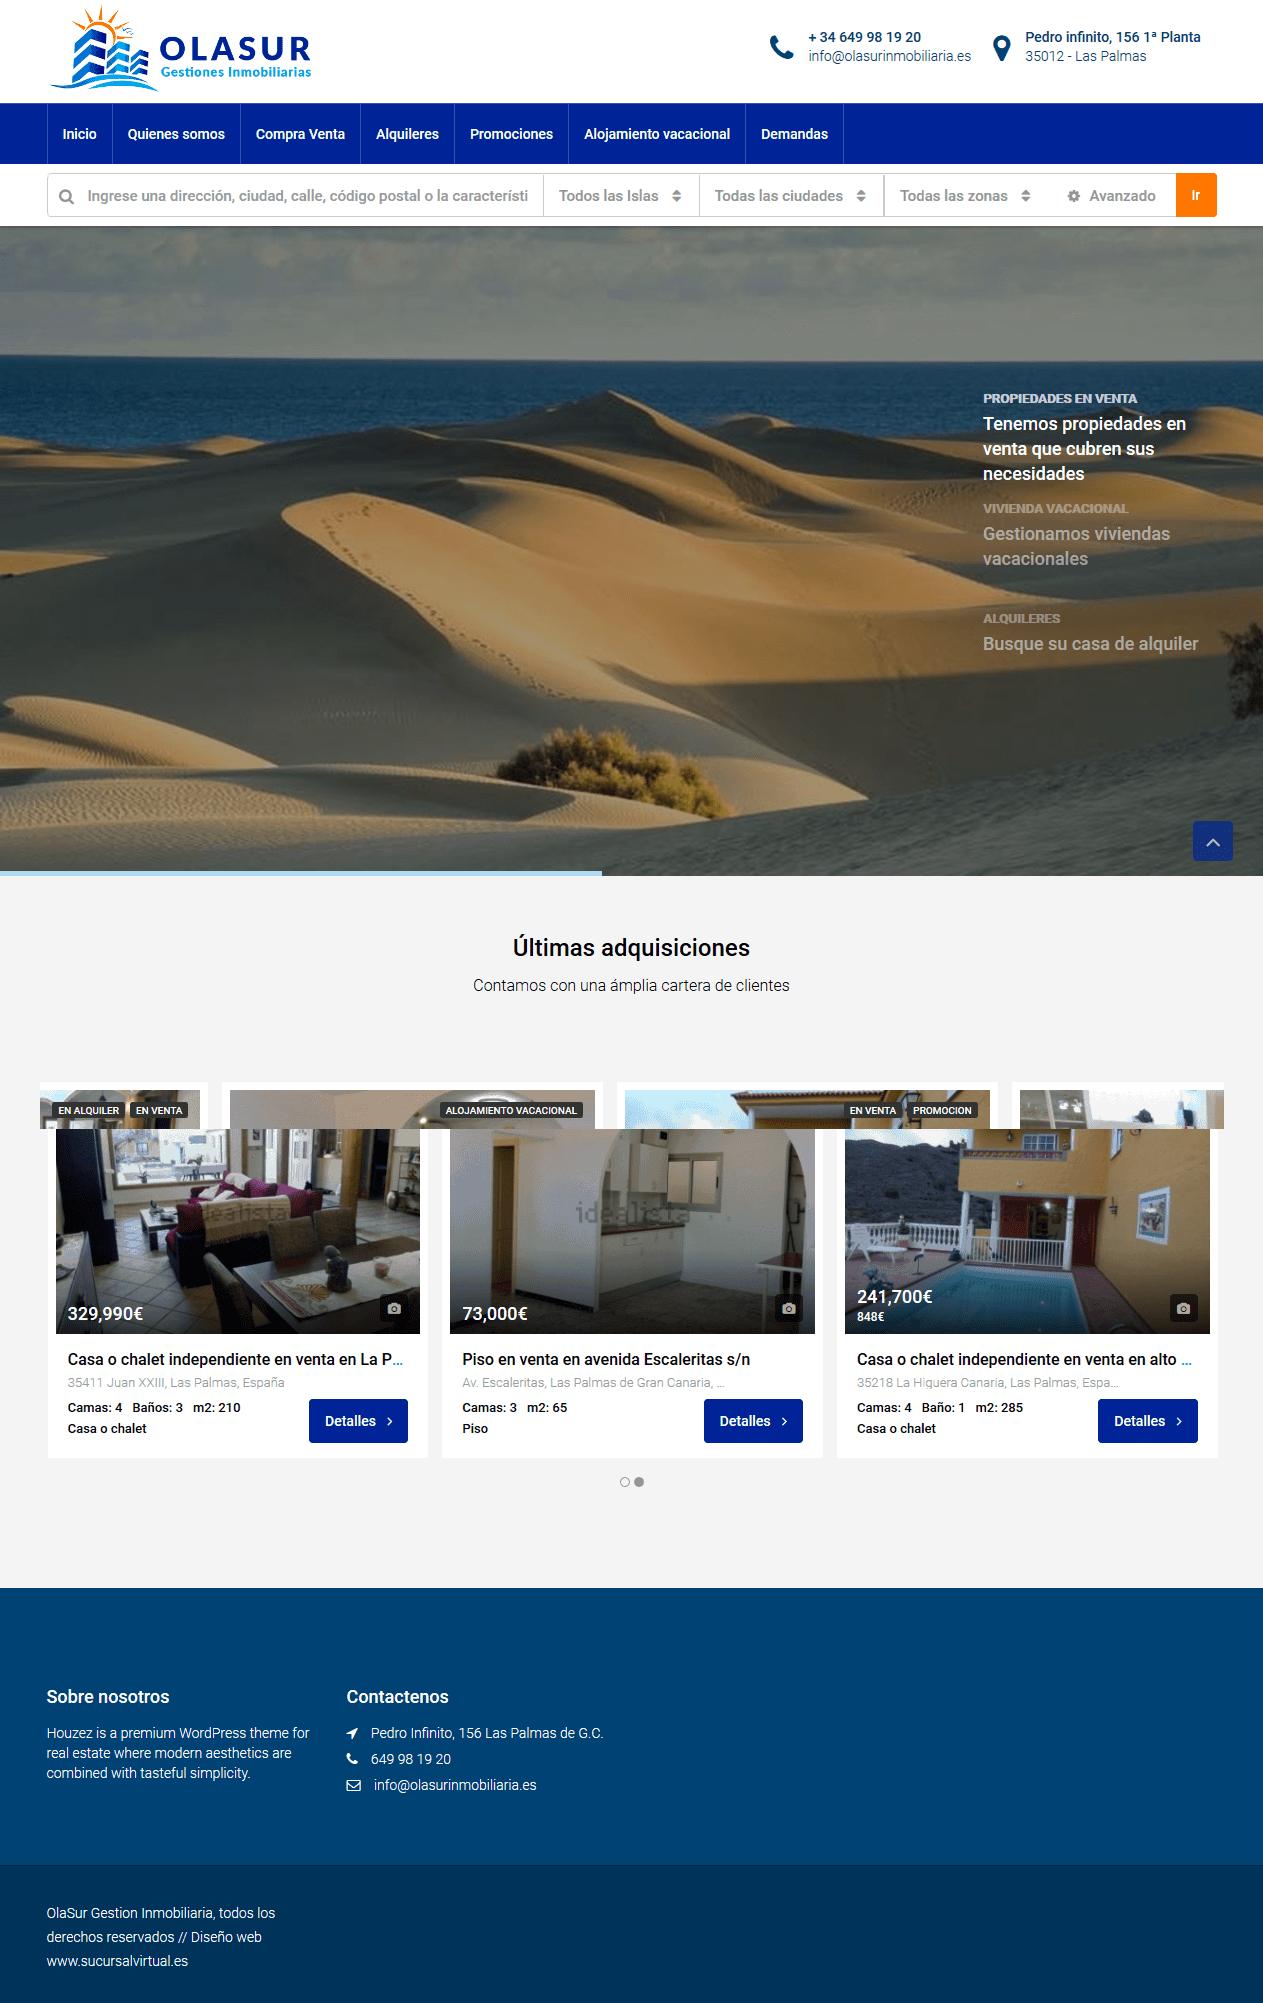 diseño web para inmobiliaria con reservas online